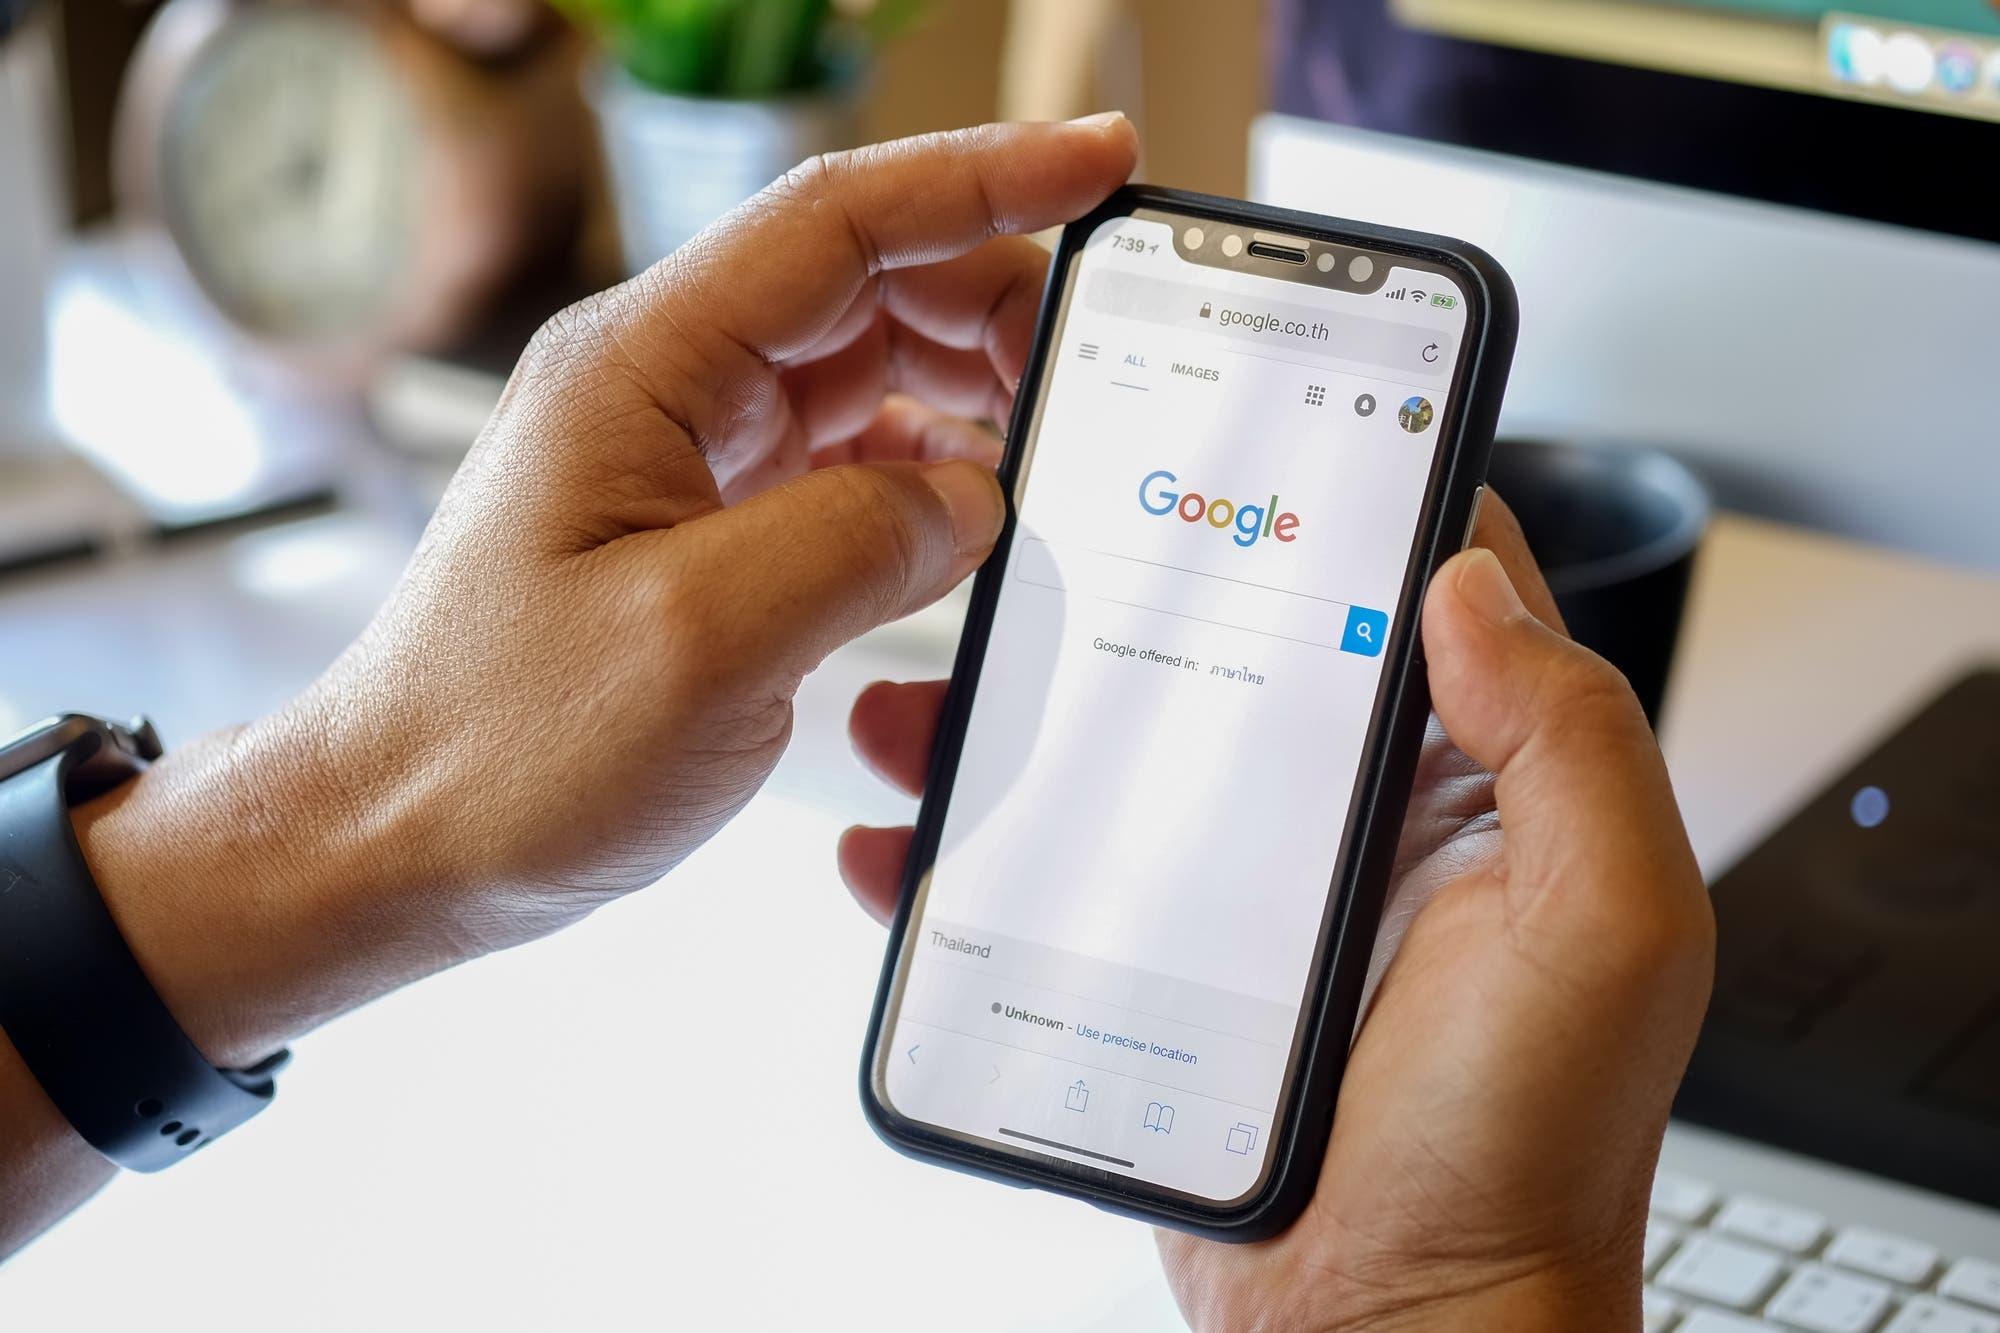 Derecho al olvido: Google gana una batalla legal y no tendrá que eliminar los enlaces en todo el mundo